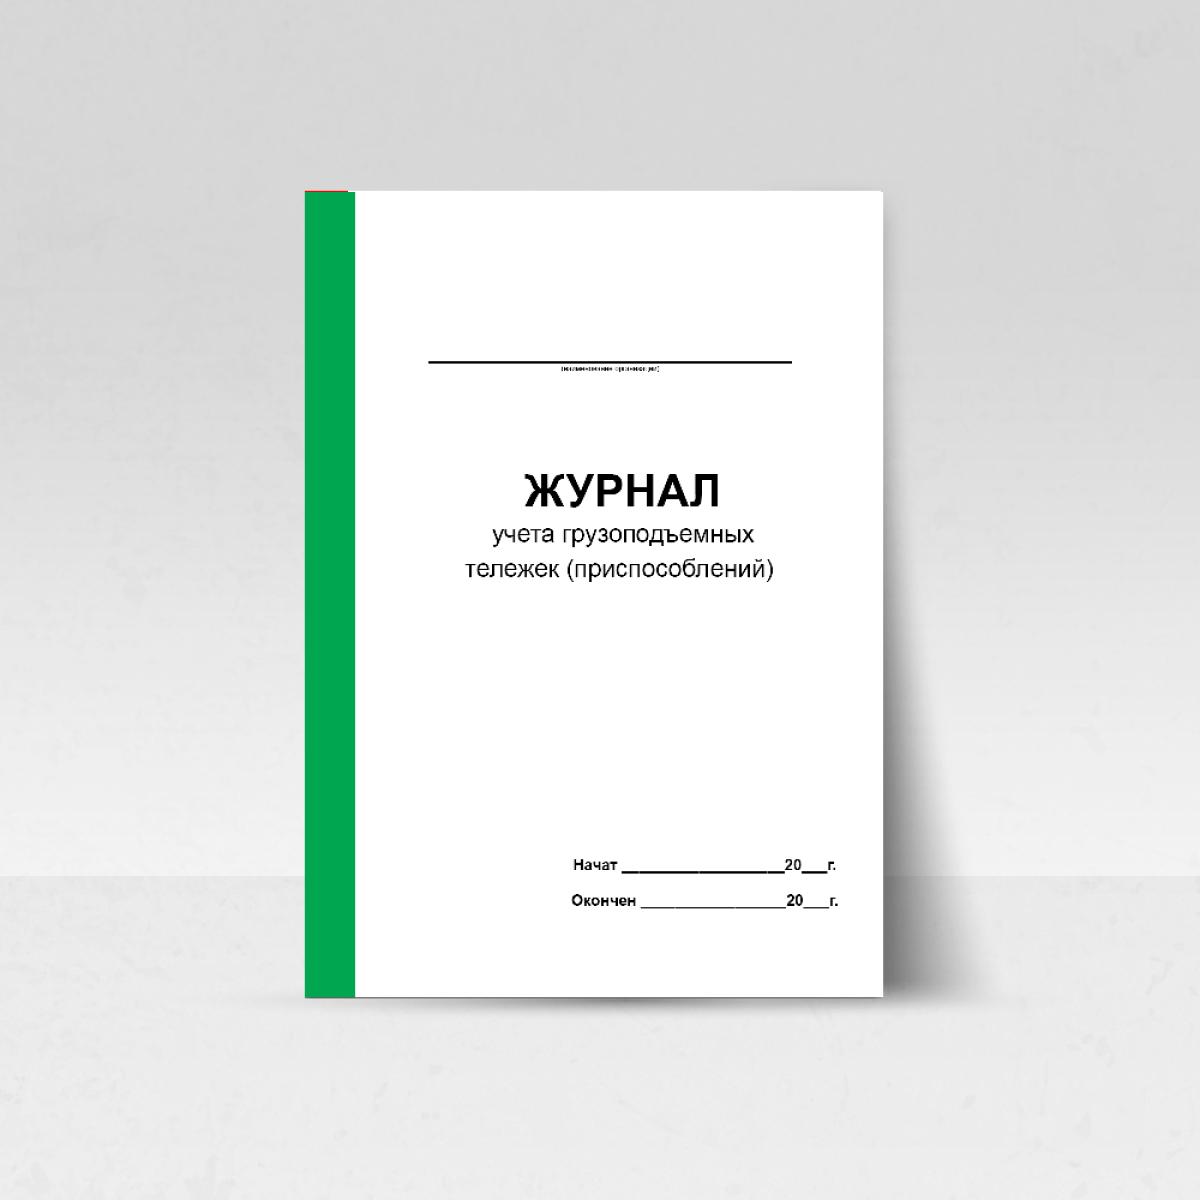 Журнал учета грузоподъемных тележек (приспособлений)